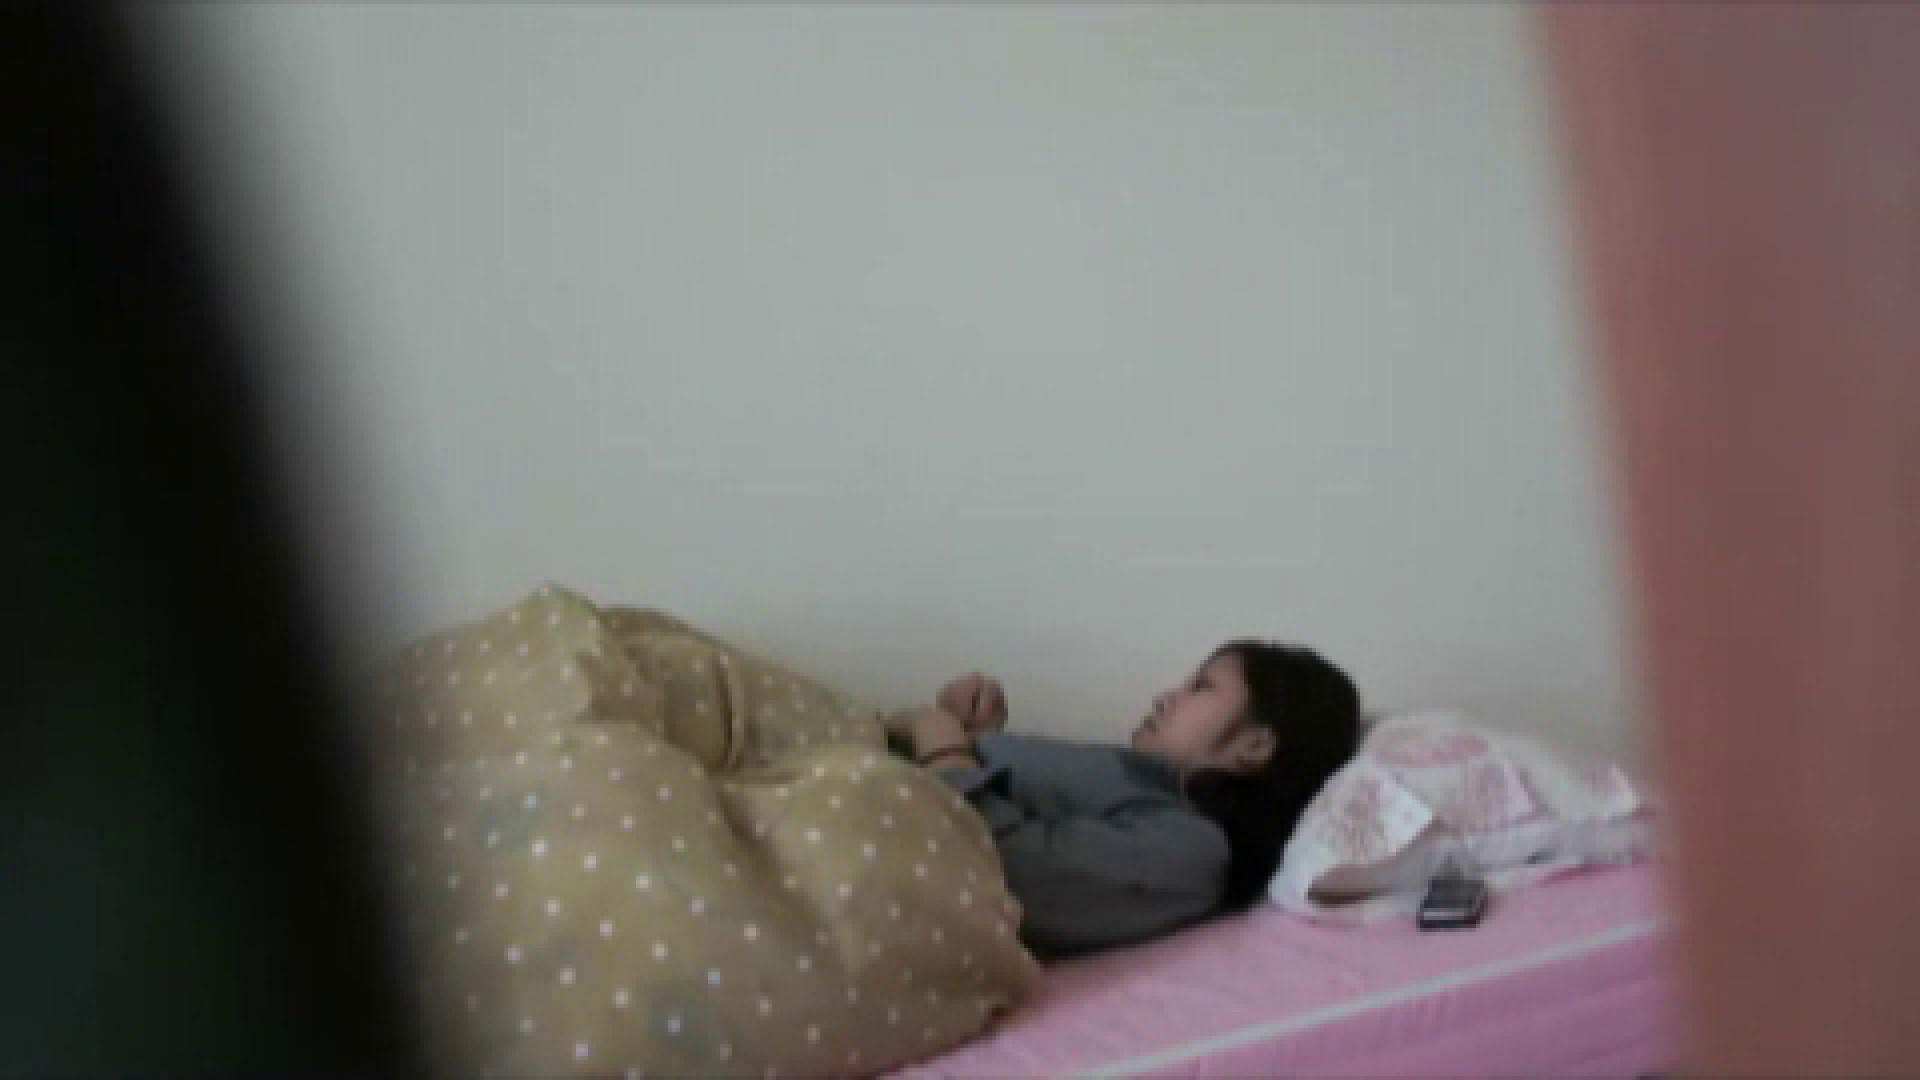 Vol.10 葵の精力が増しているような・・・昼間のオナニーをどうぞ。 巨乳 オマンコ無修正動画無料 92pic 50